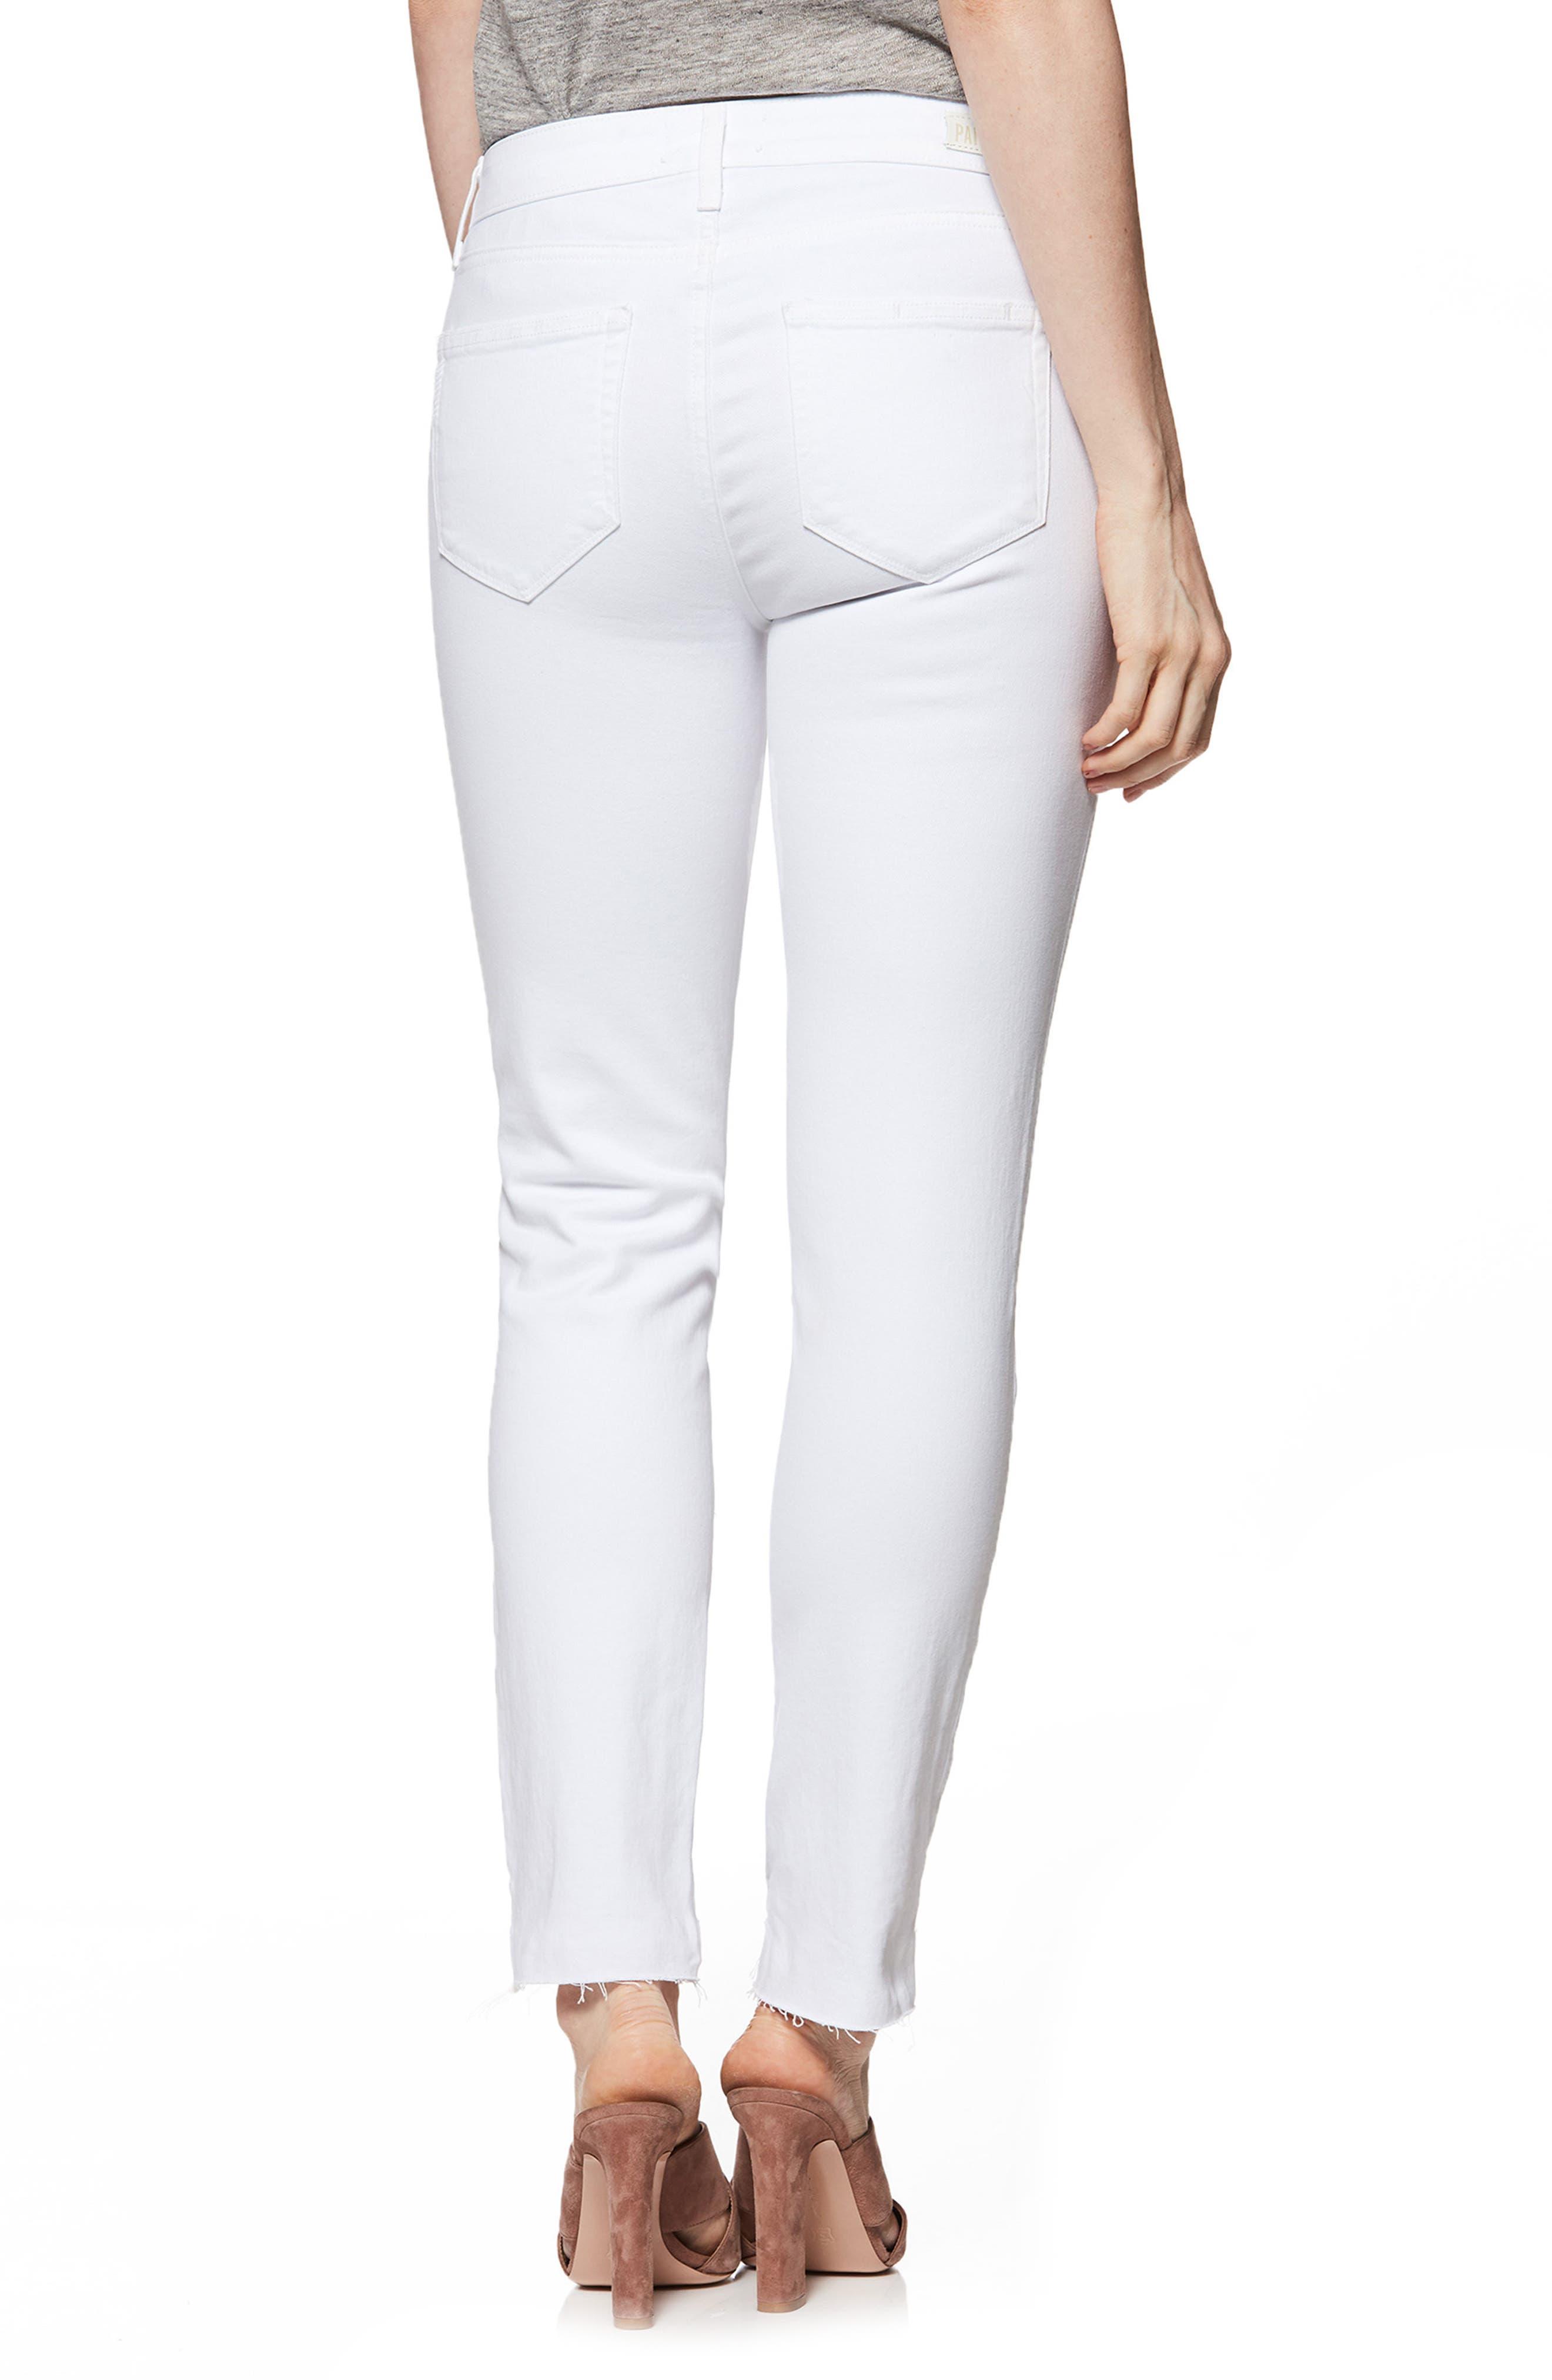 Skyline Ankle Skinny Jeans,                             Alternate thumbnail 2, color,                             Crisp White